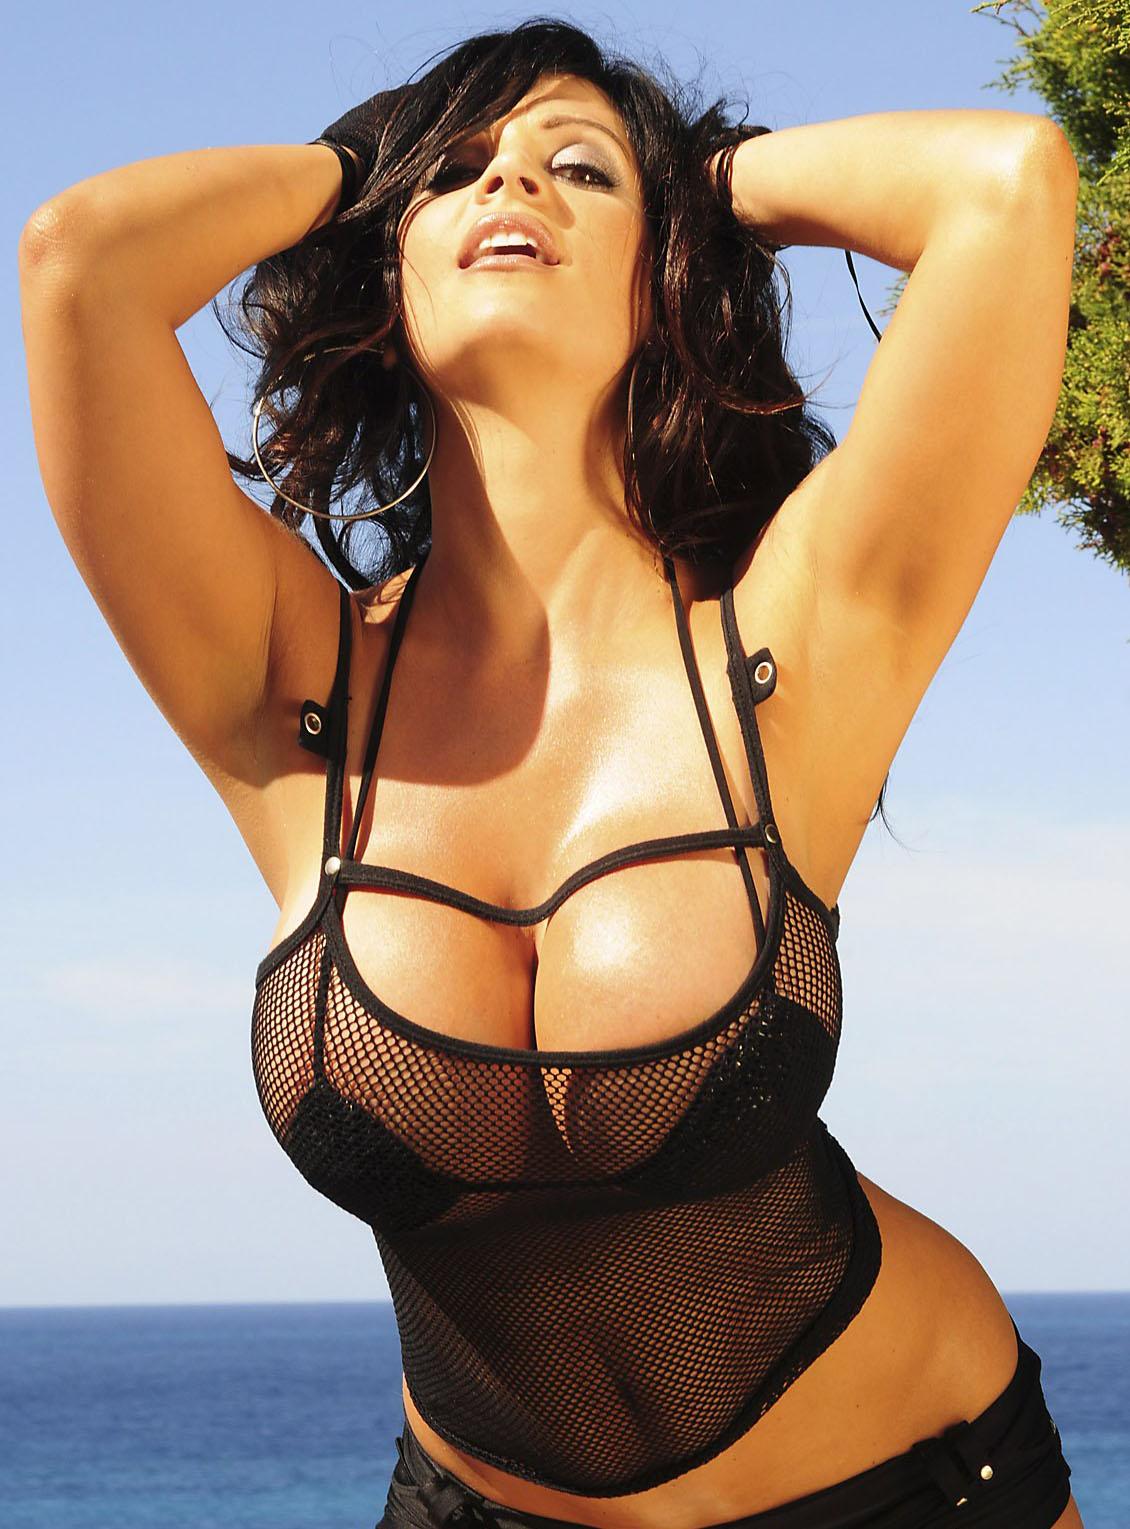 Hot Naked Bikini